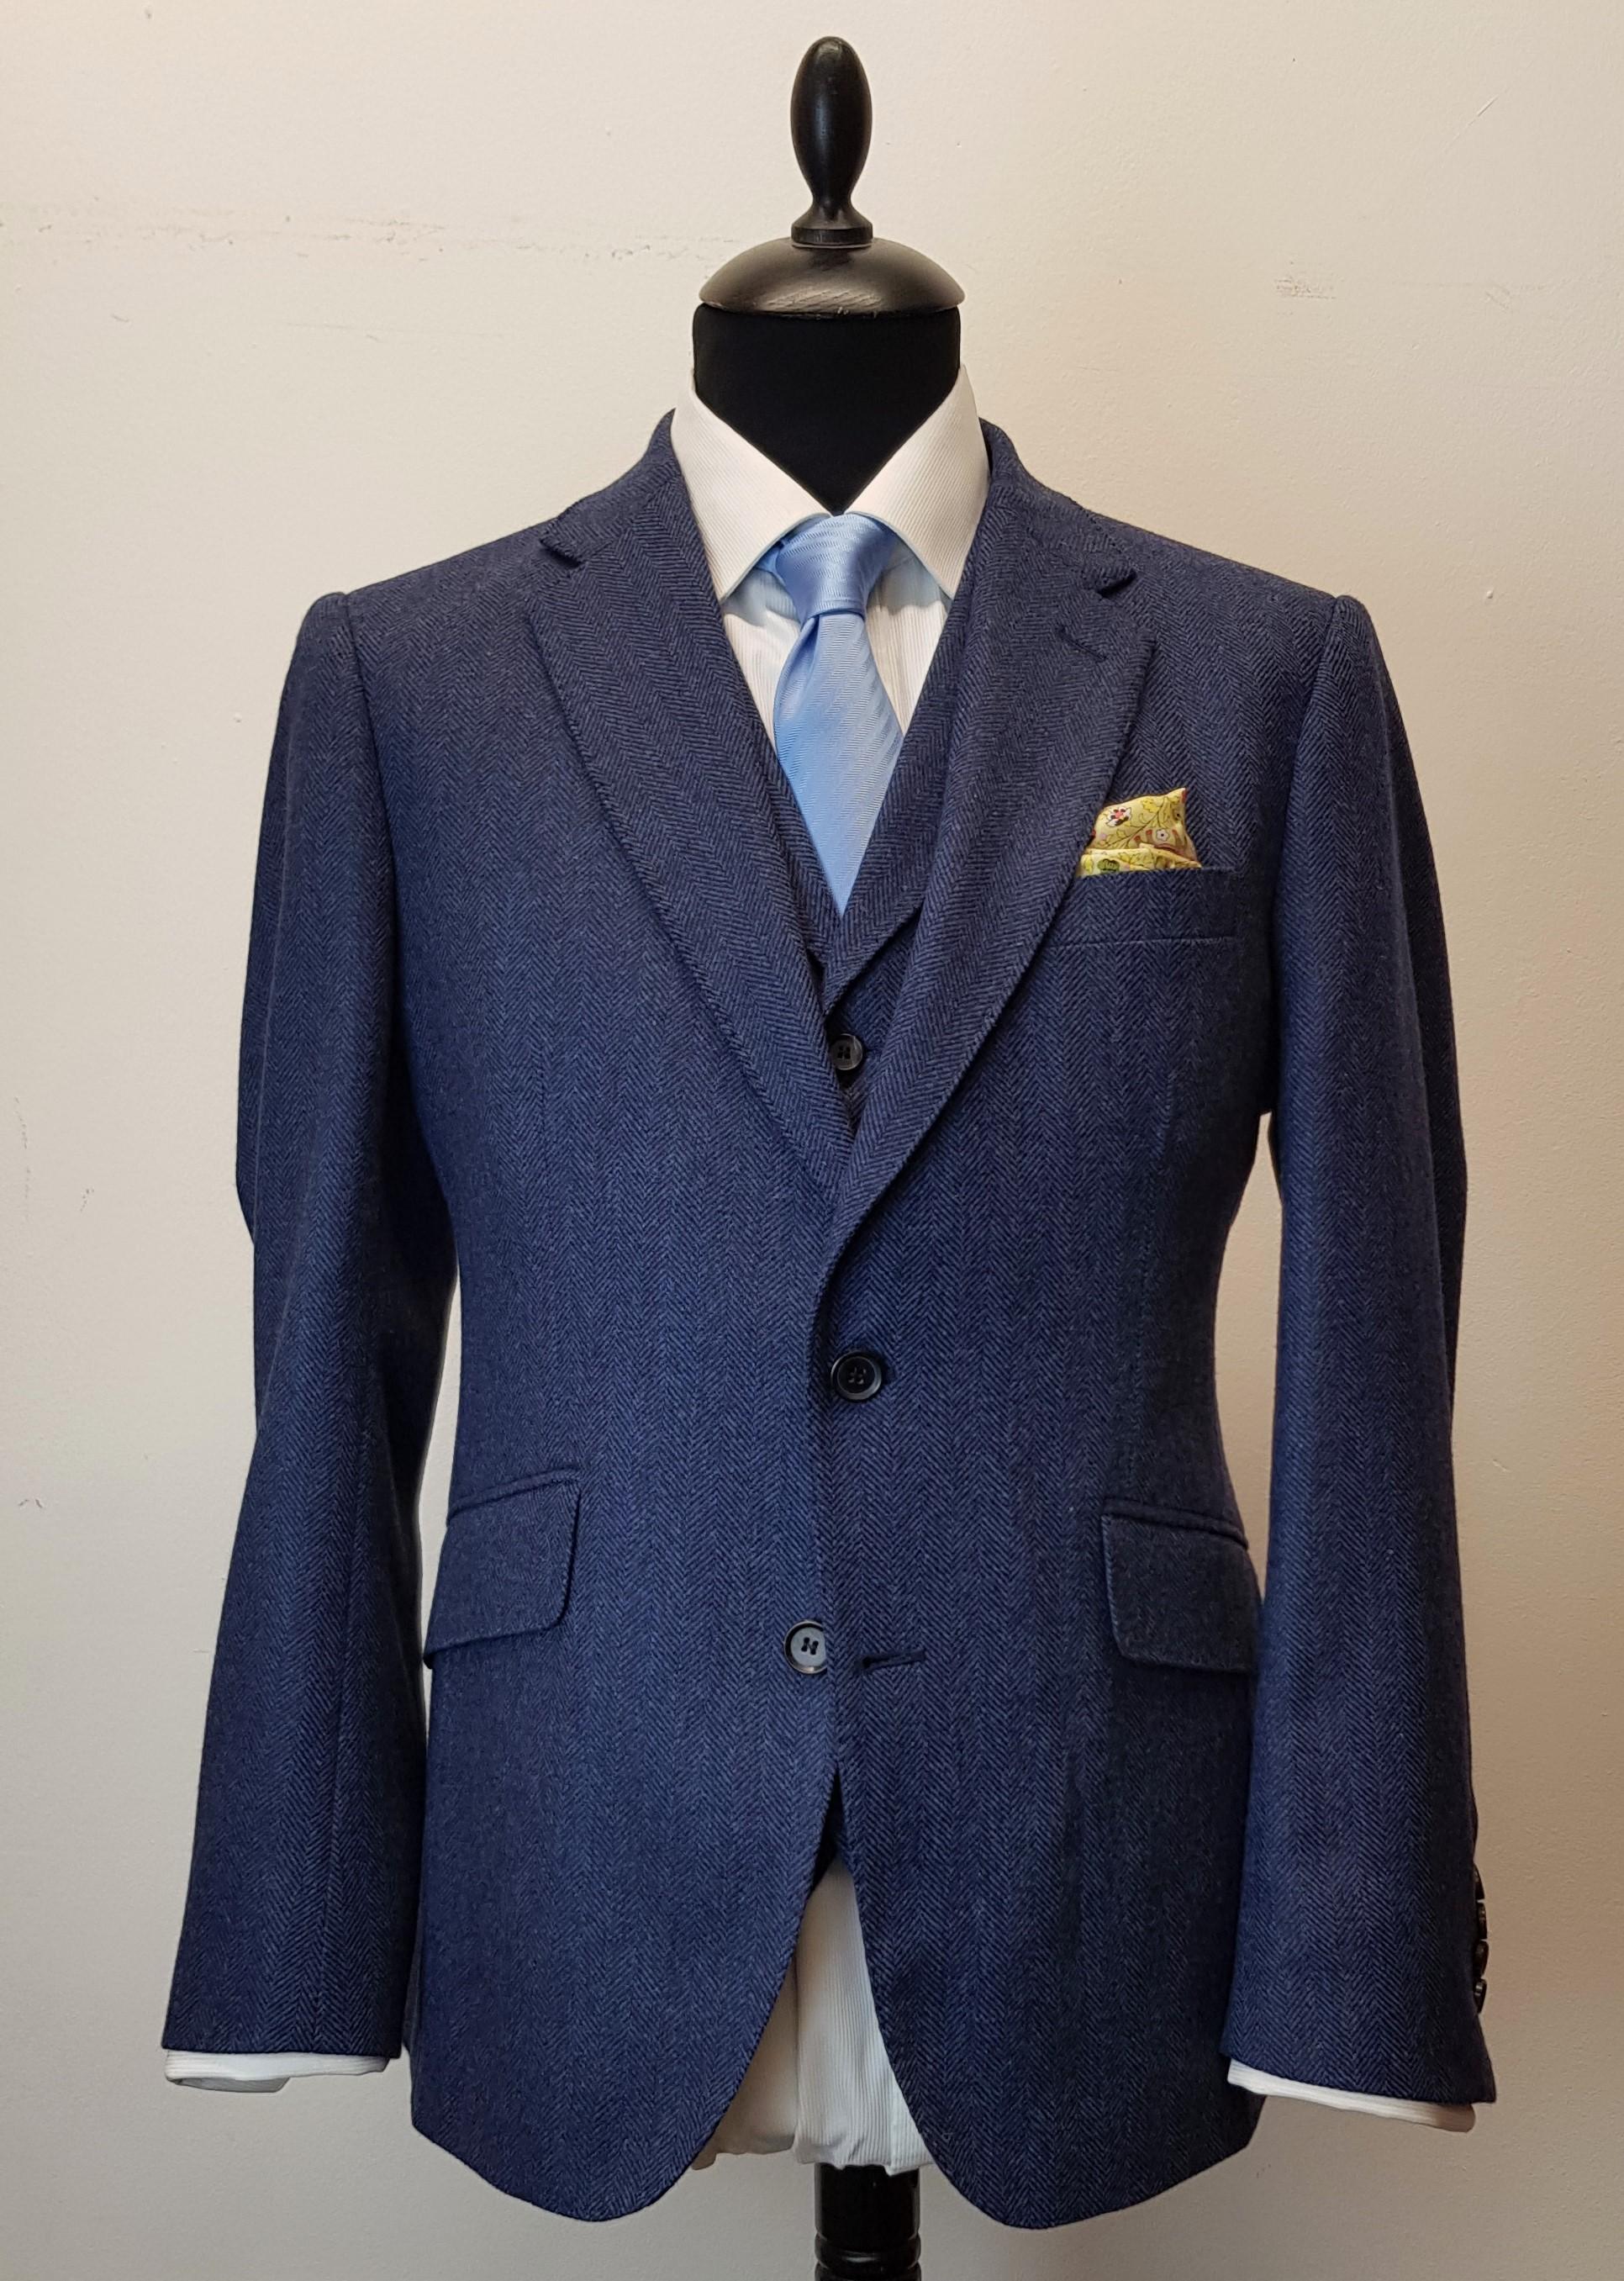 3 piece tweed suit in blue herringbone extra fine merino (3).jpg